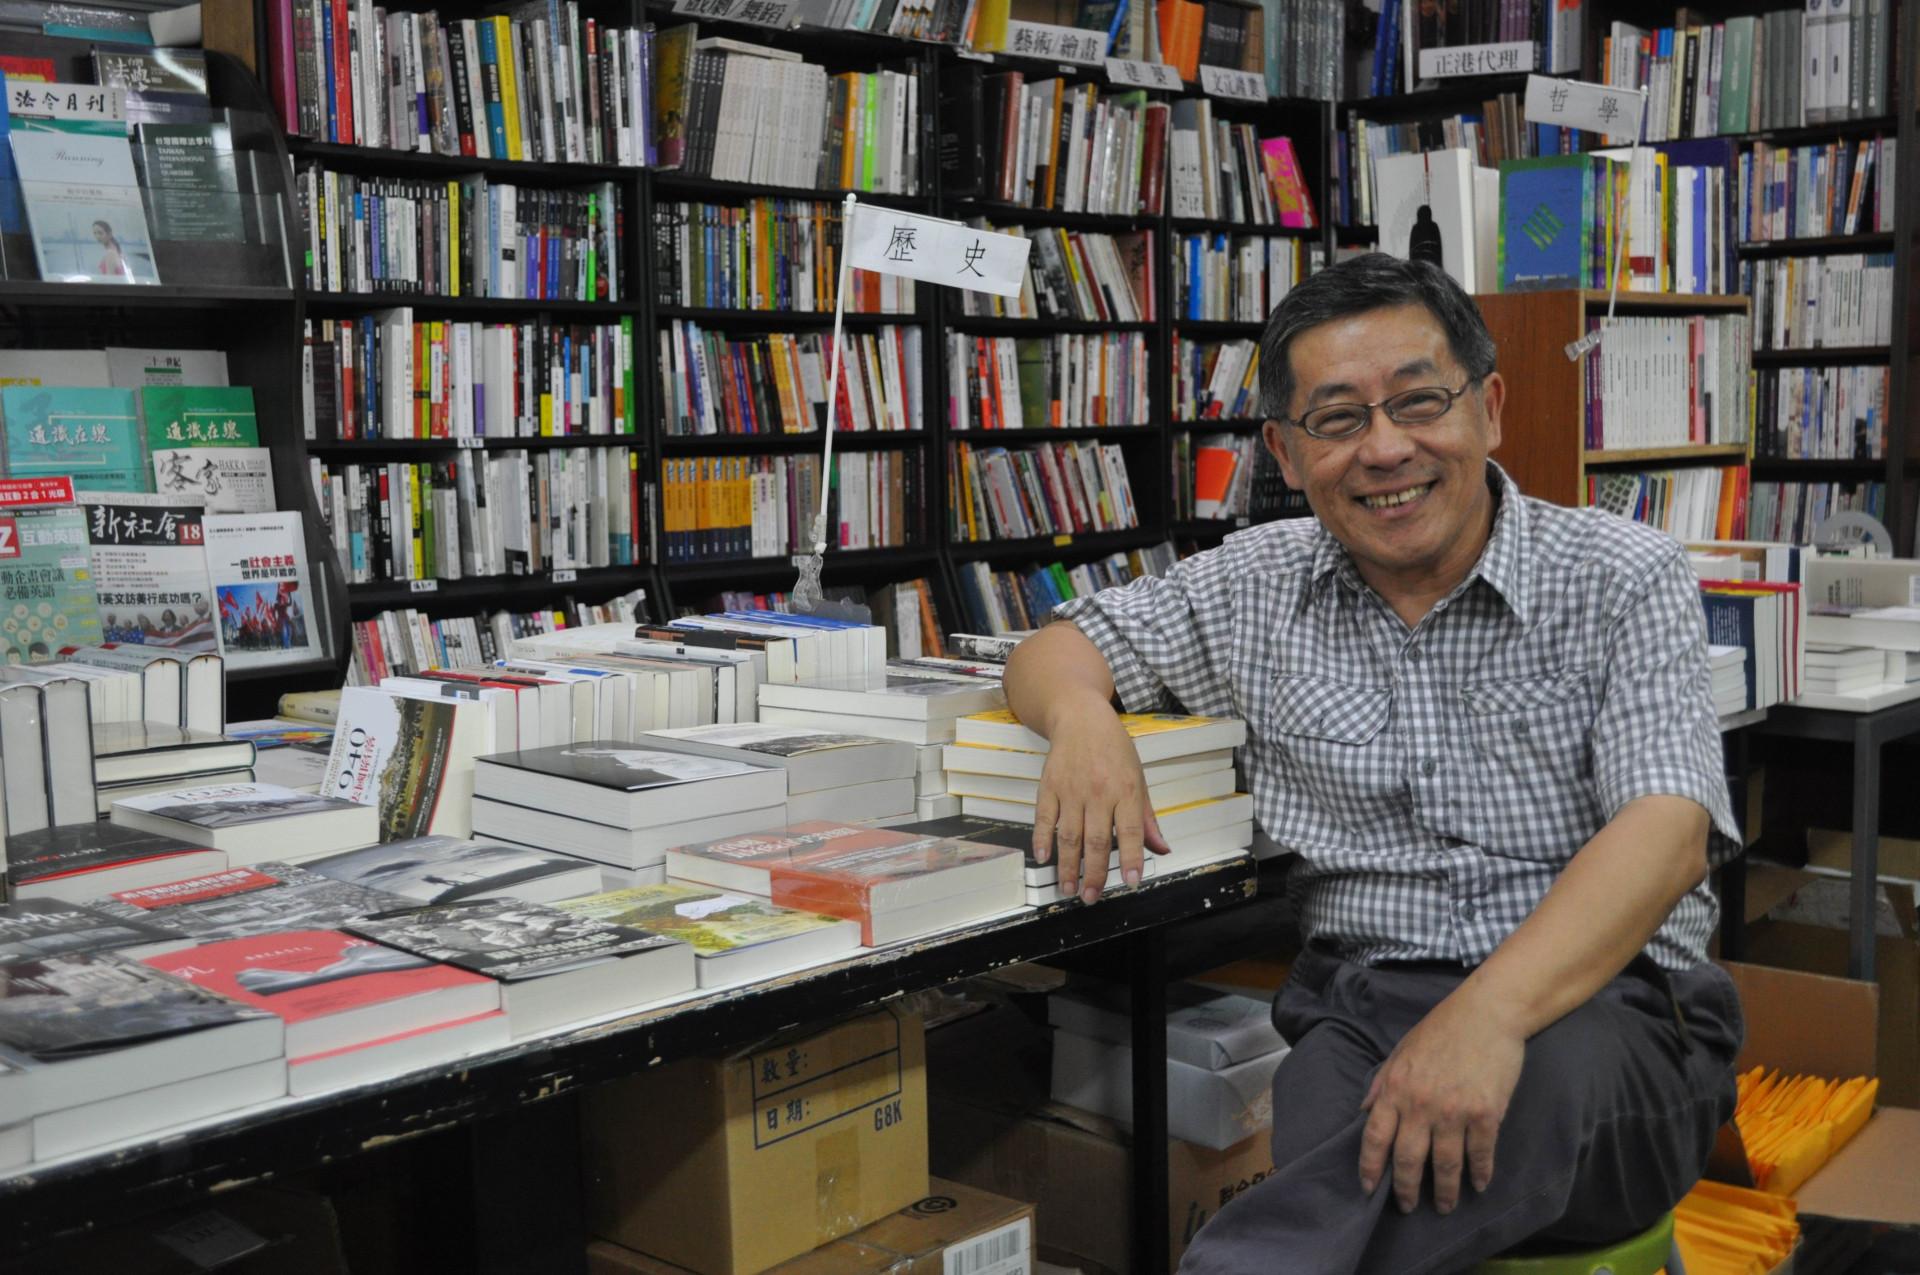 唐山曾是禁書專賣店  老闆陳隆昊獲台北文化獎